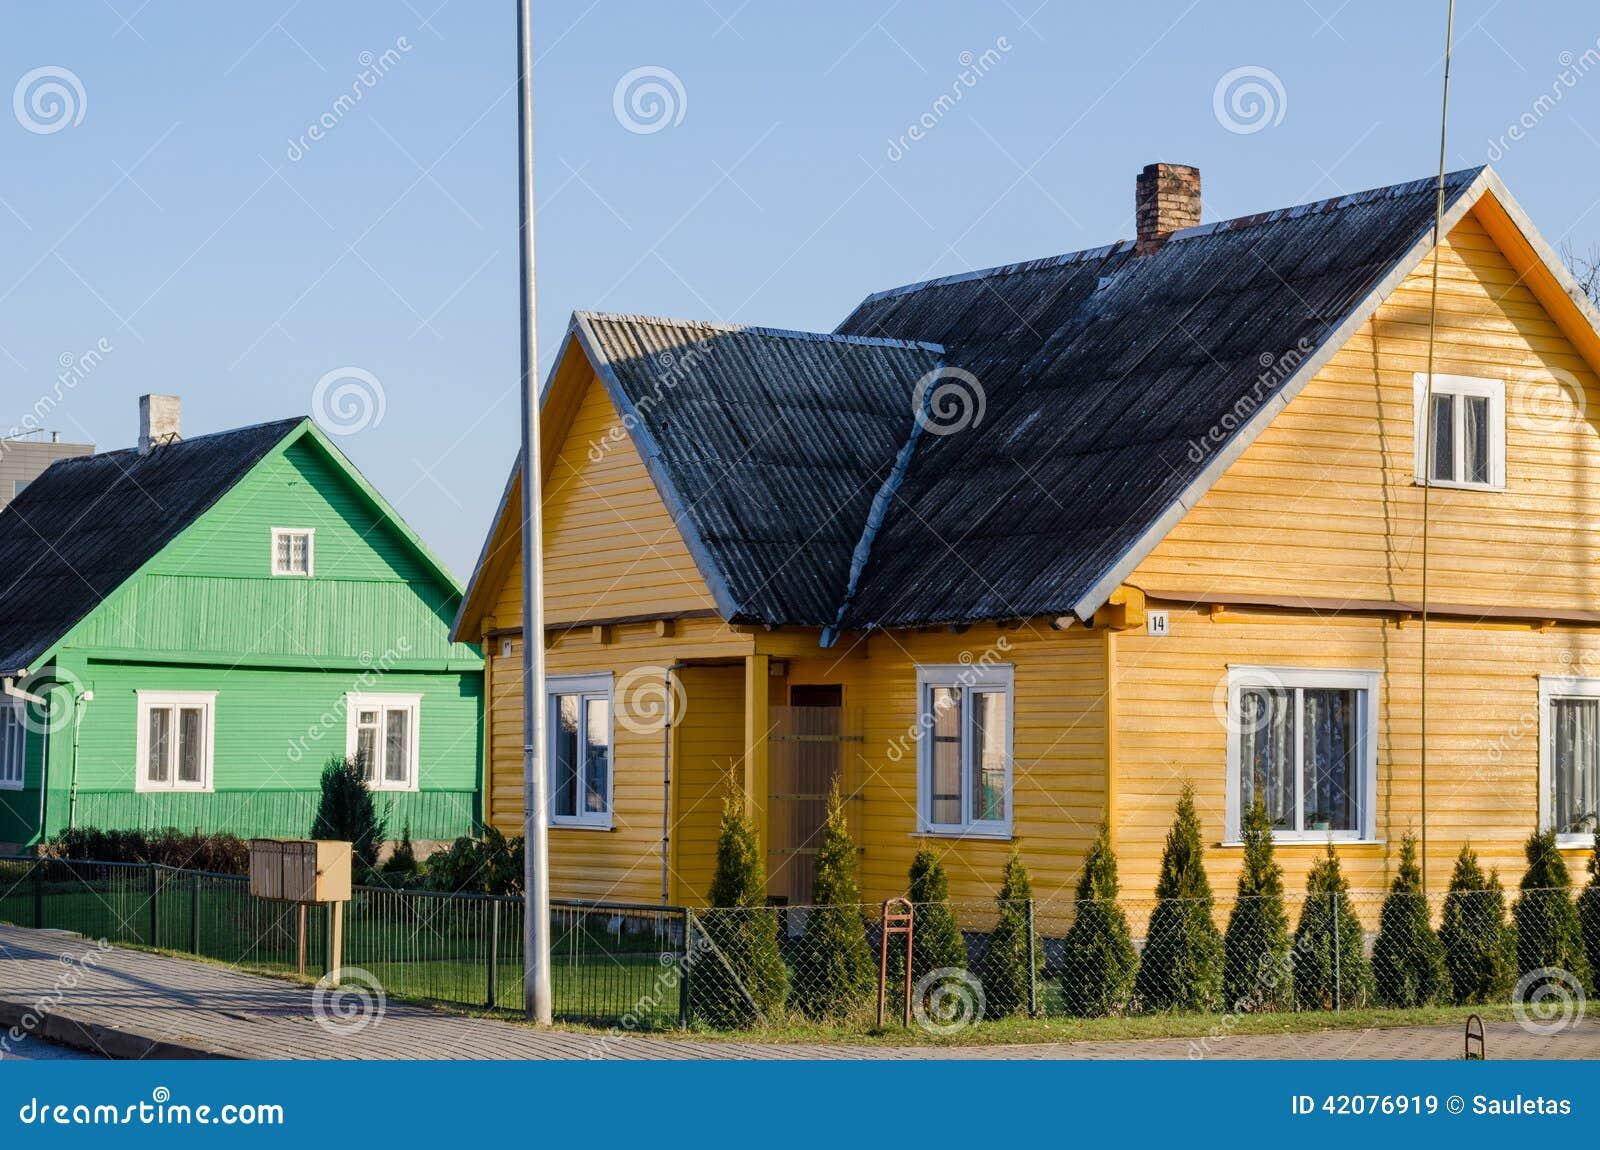 Casas pintadas amarillo verde rural a lo largo de la calle - Casas de madera pintadas ...